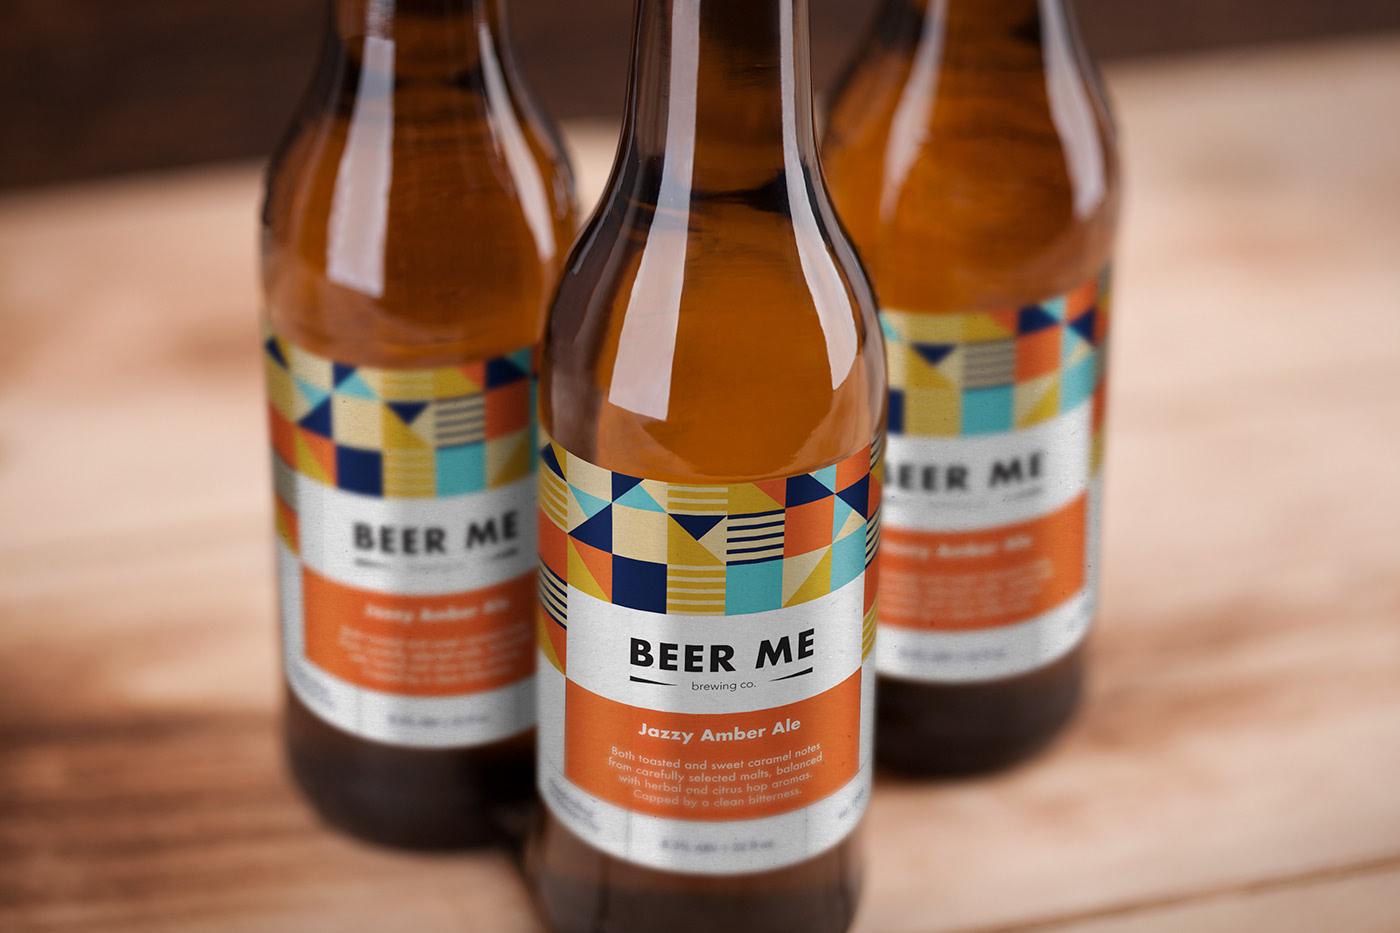 beer me